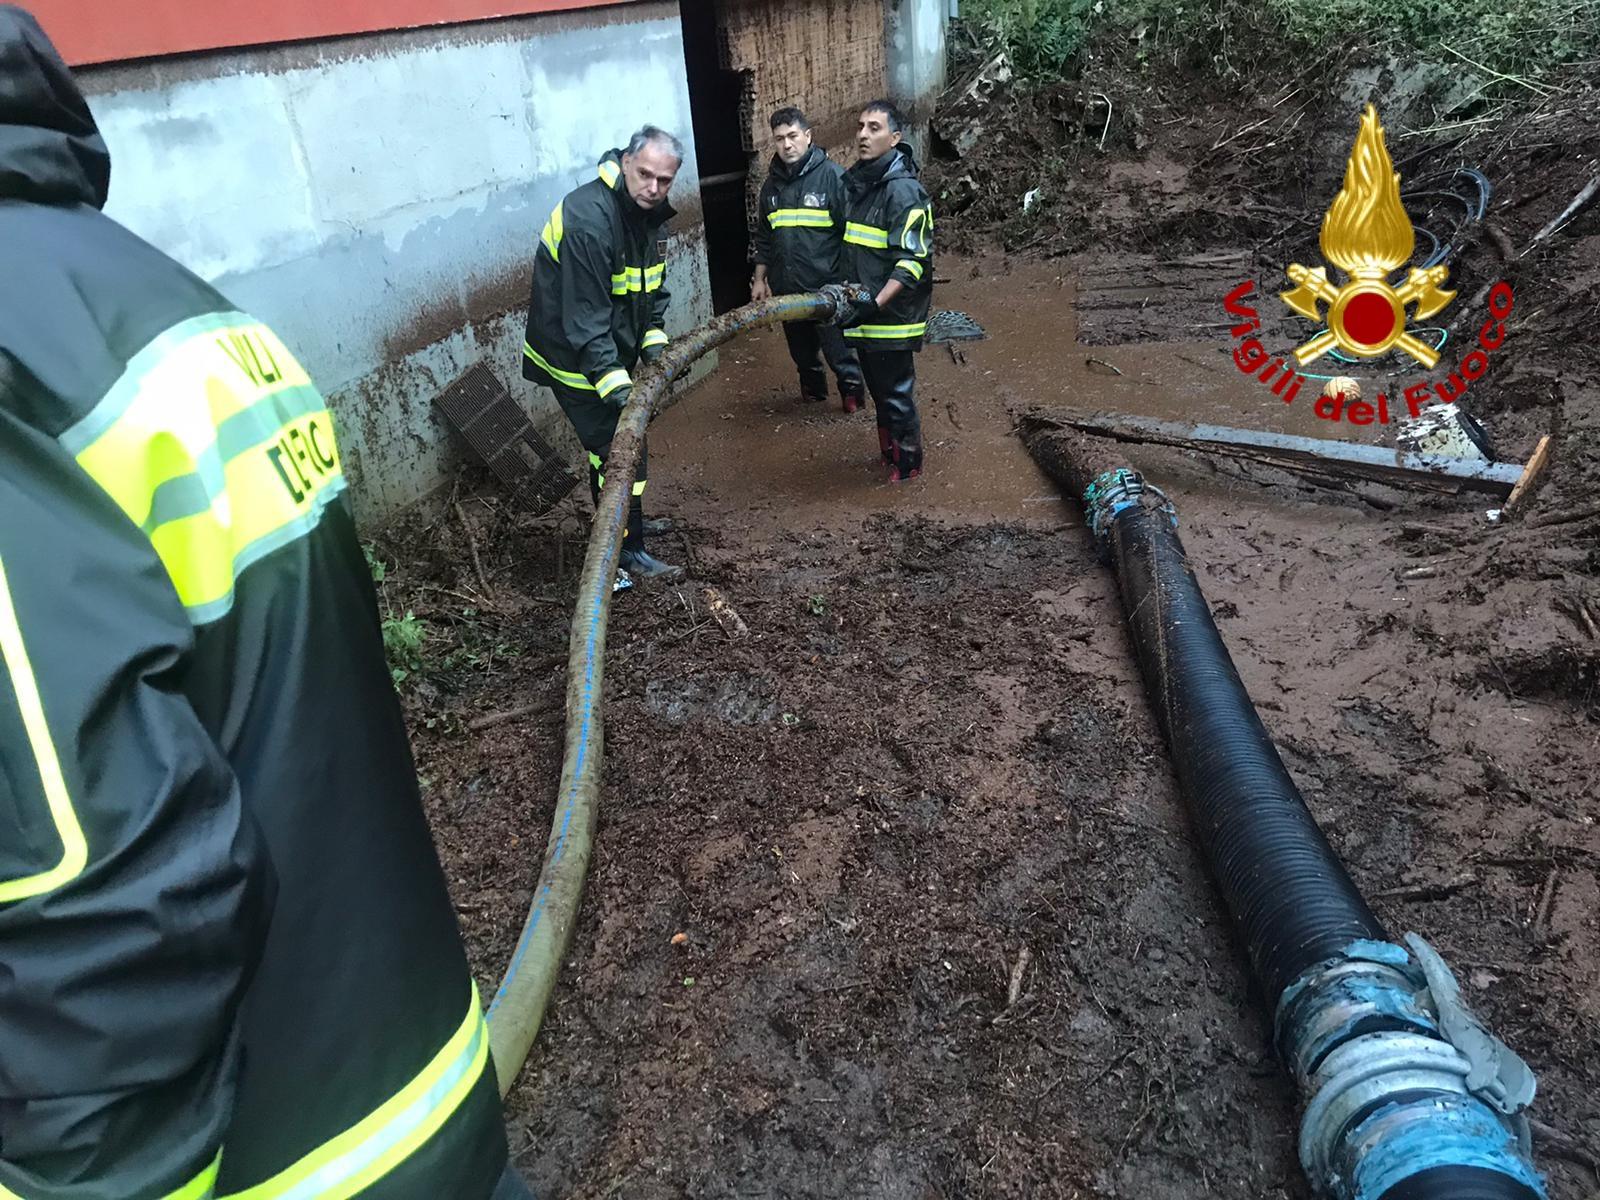 Alberi caduti e allagamenti, il maltempo flagella l'Irpinia: 60 interventi dei vigili del fuoco